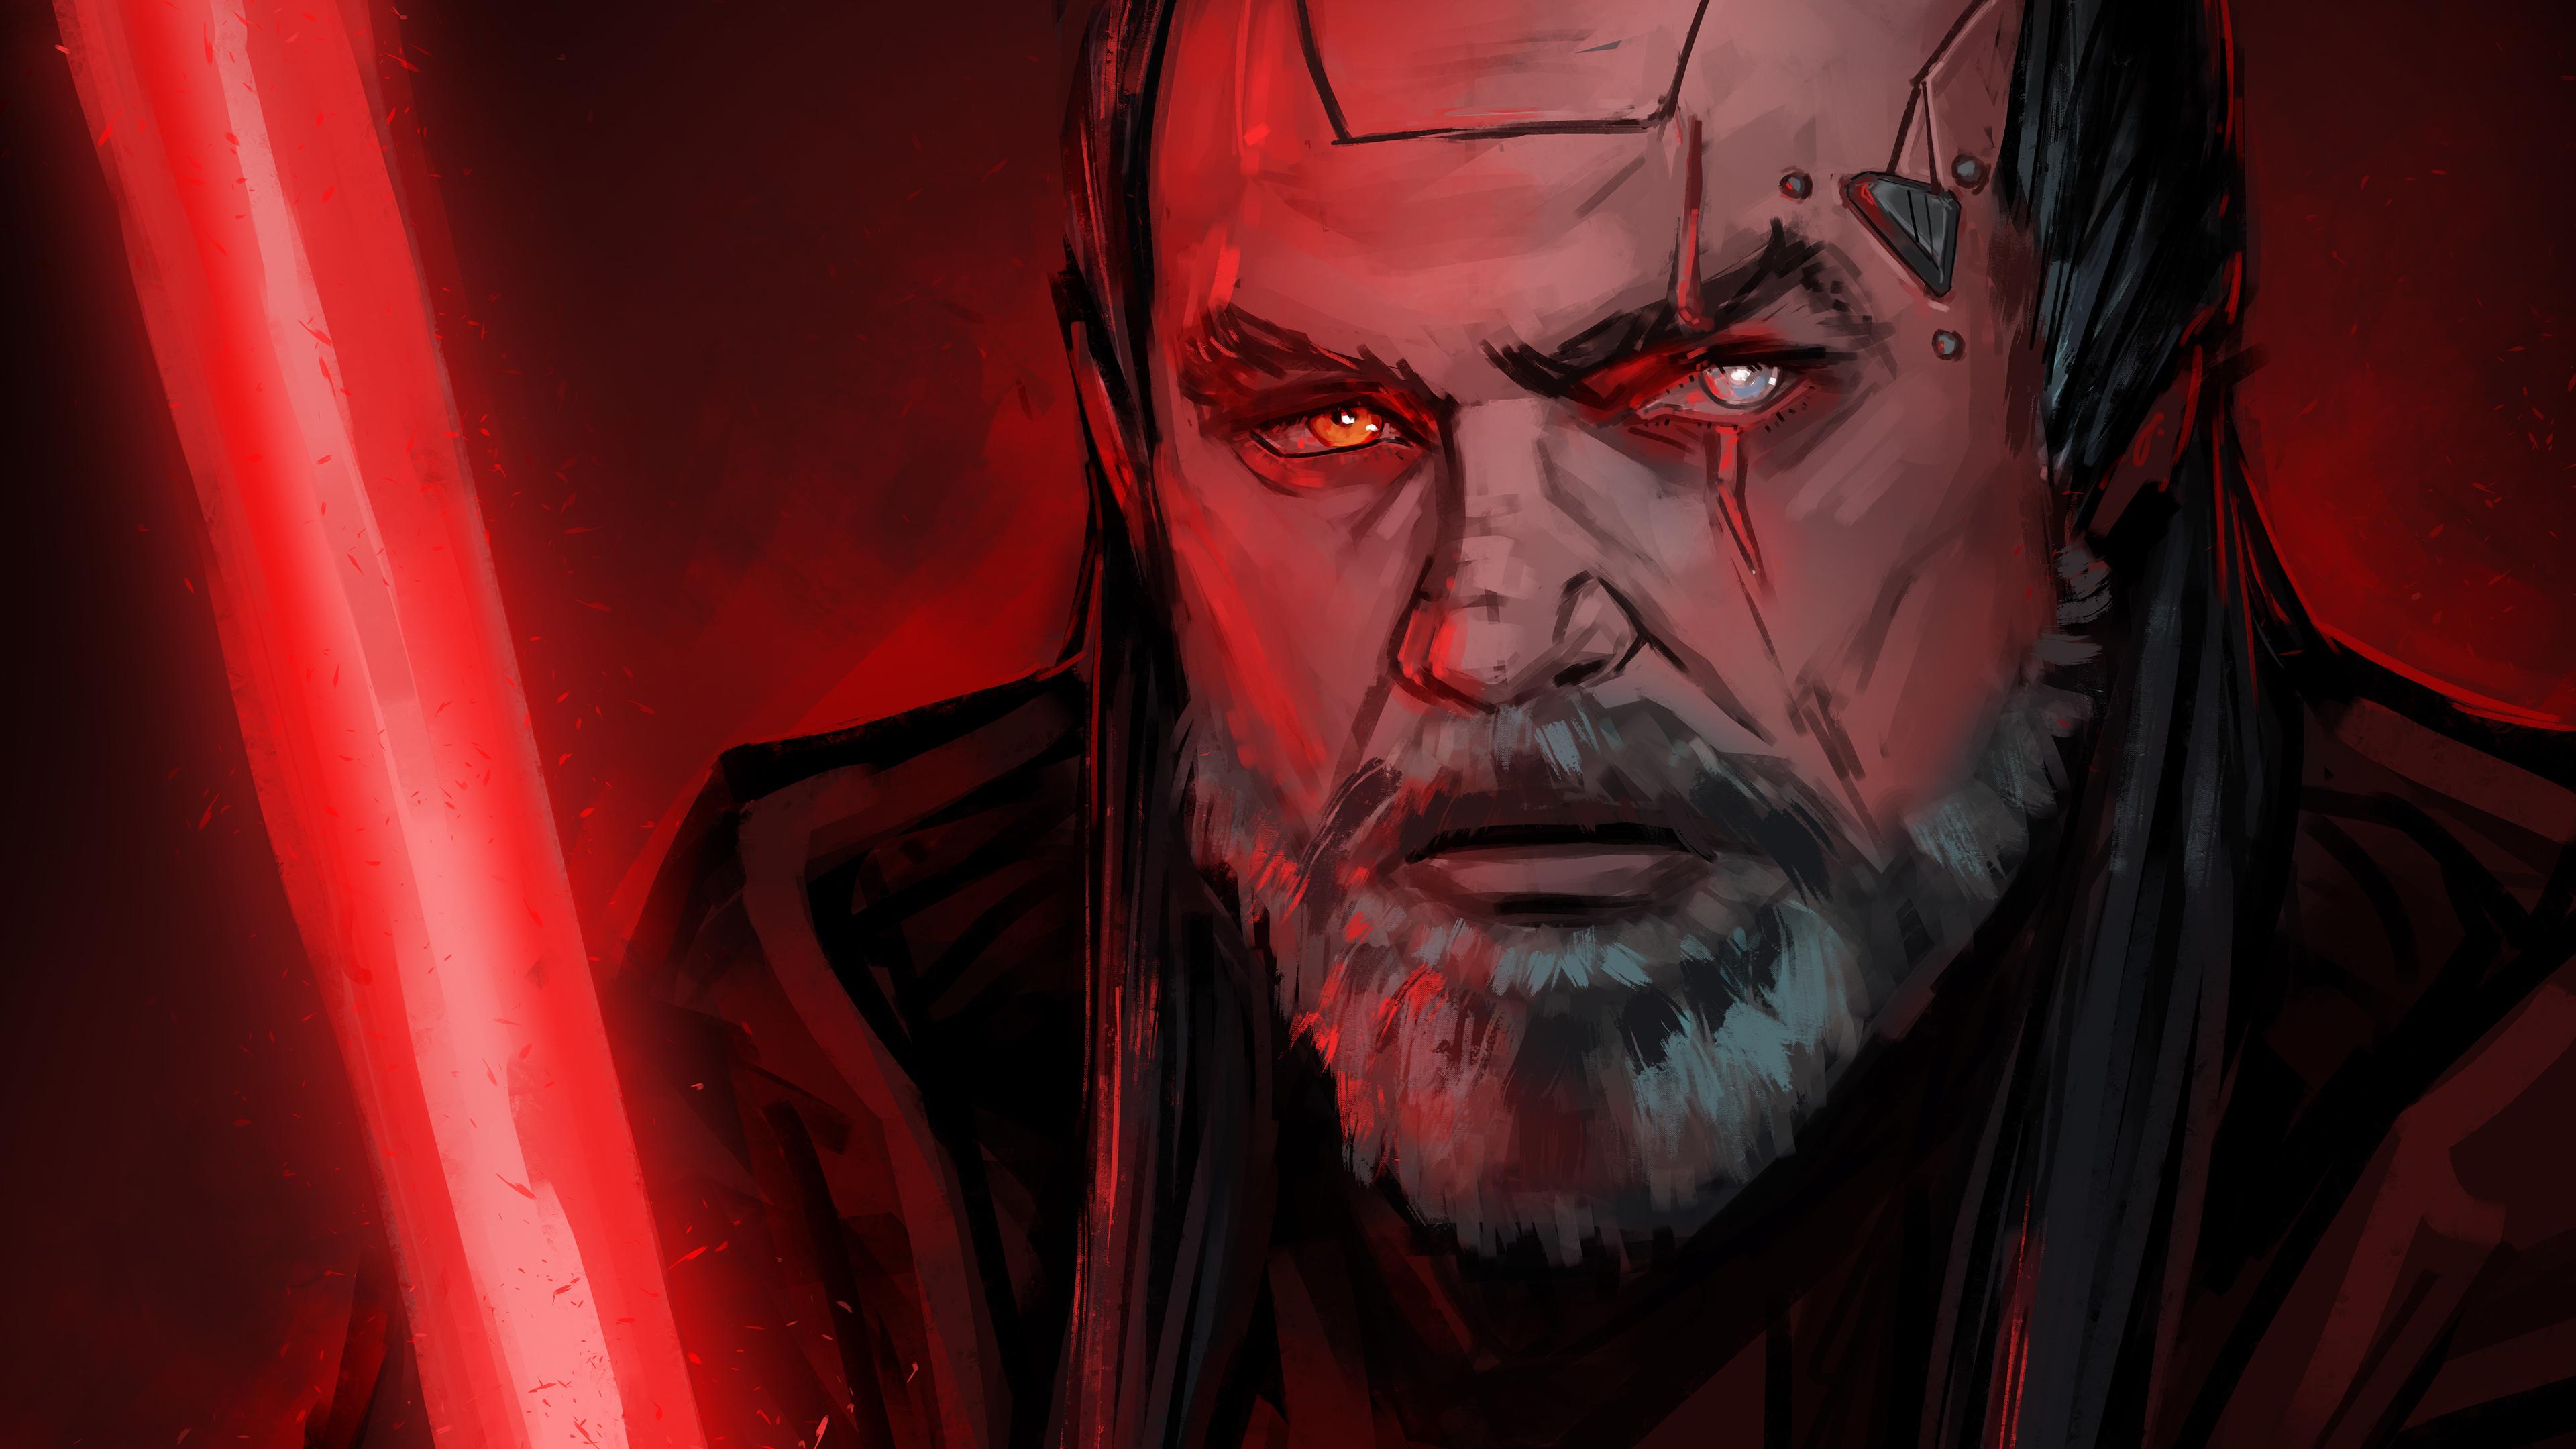 Star Wars Luke Skywalker 4k Artwork Hd Movies 4k